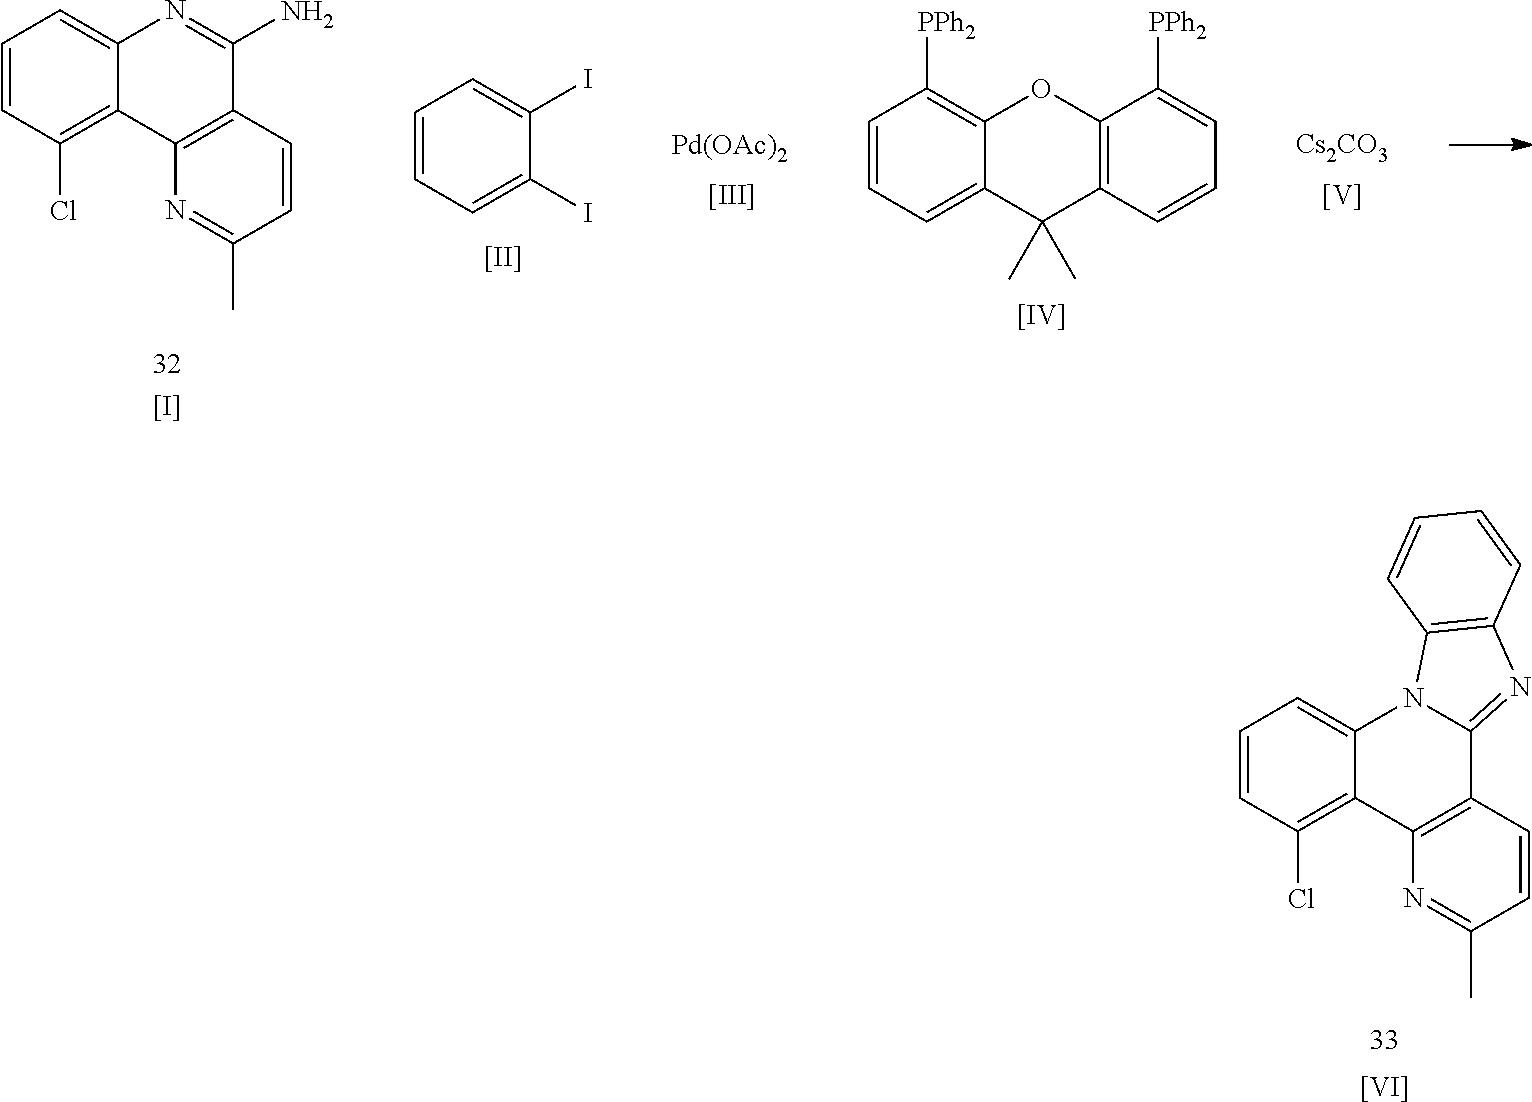 Figure US09905785-20180227-C00409